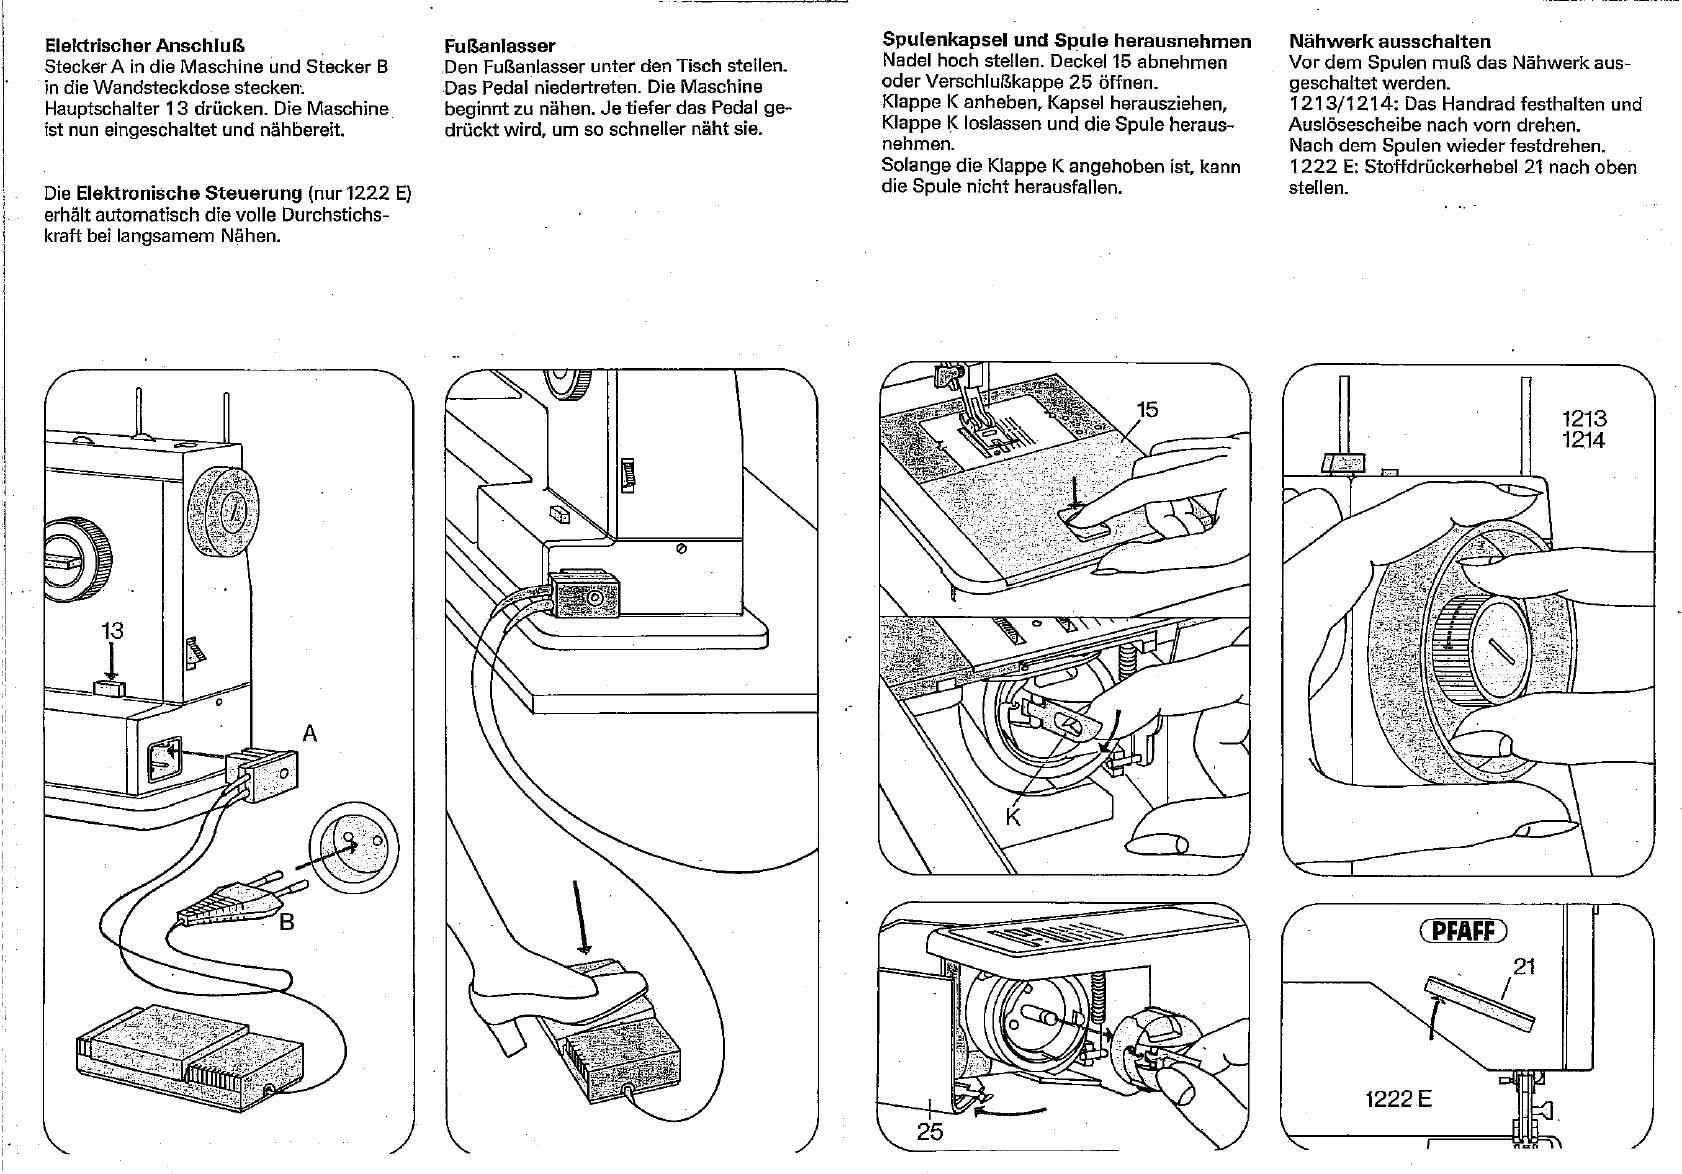 Bedienungsanleitung Pfaff 1222E (Seite 4 von 12) (Deutsch)